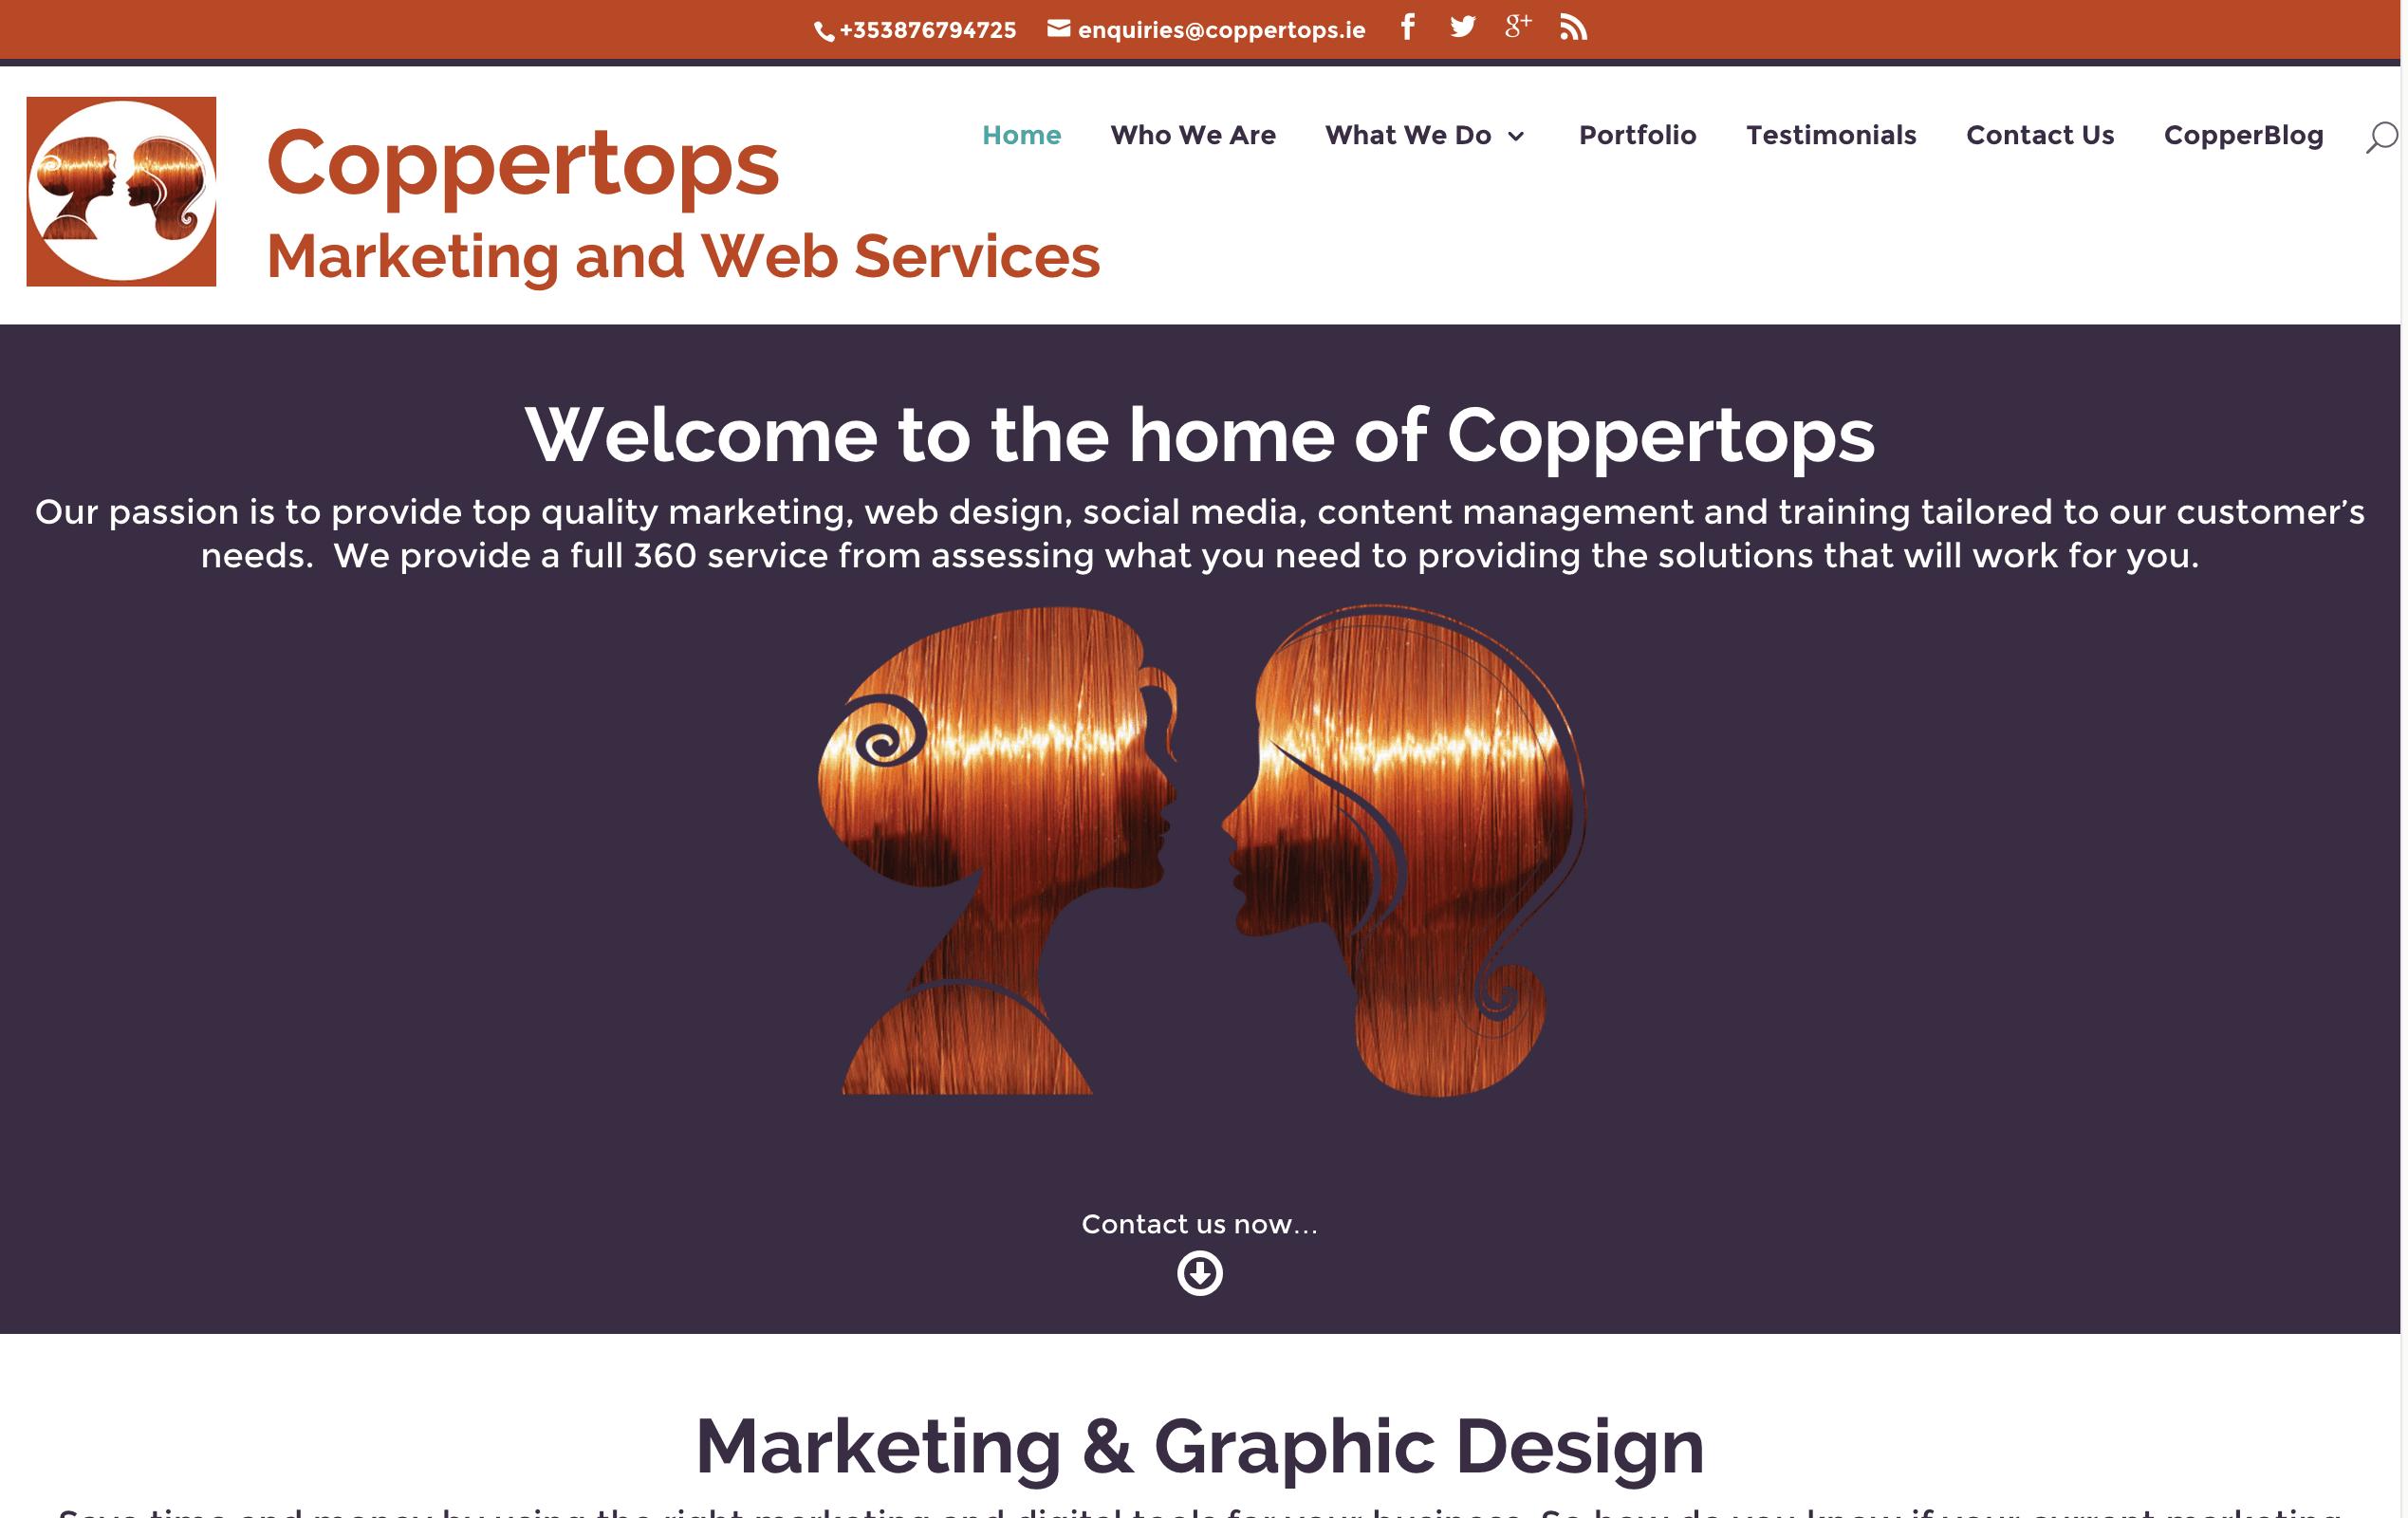 website design, logo design, SEO